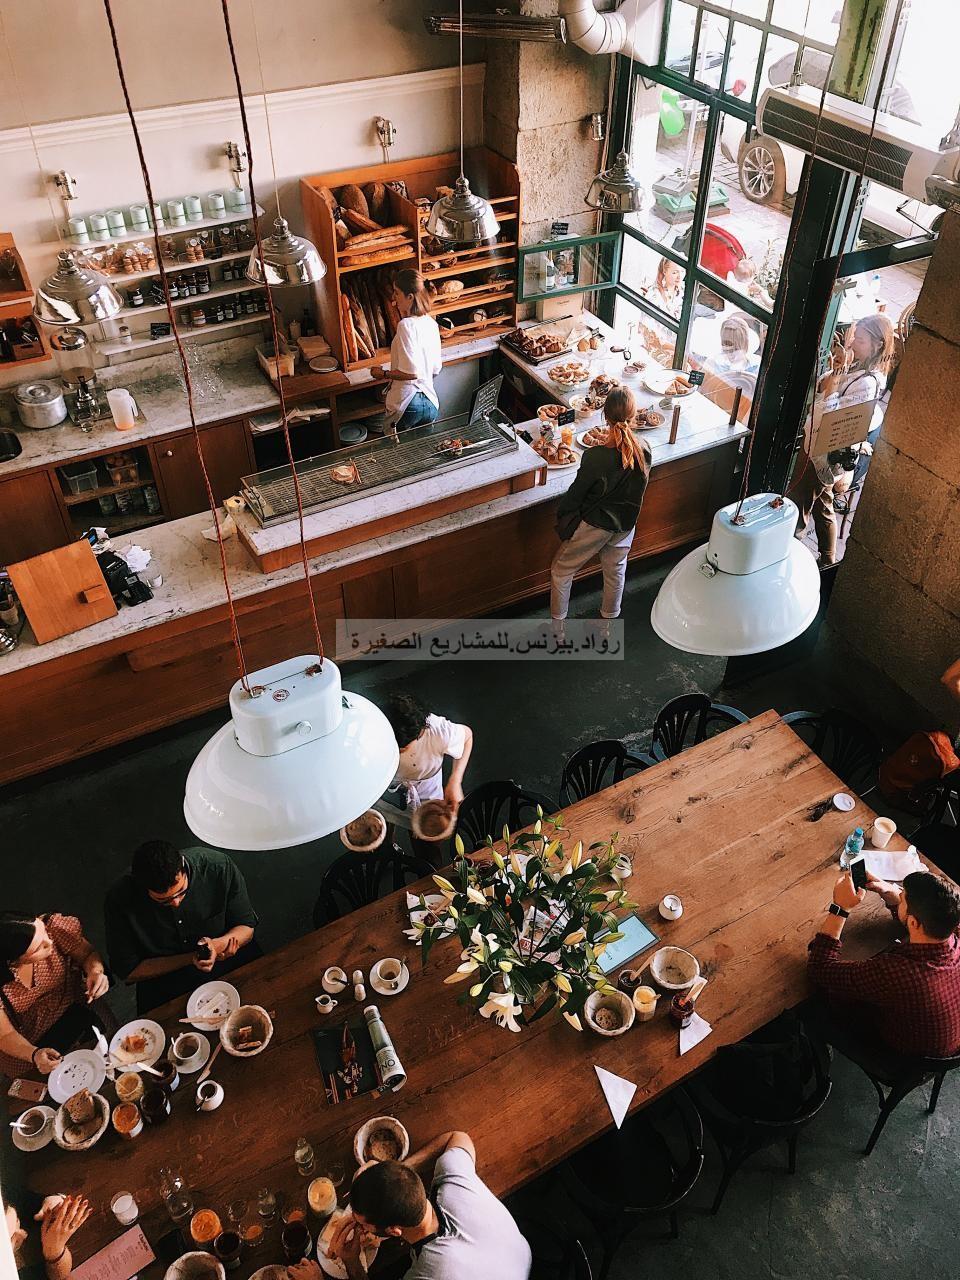 كيف تجد اسماء مطاعم مميزة بـ7 طرق تساعدك في إيجاد اسم مطعم مميز